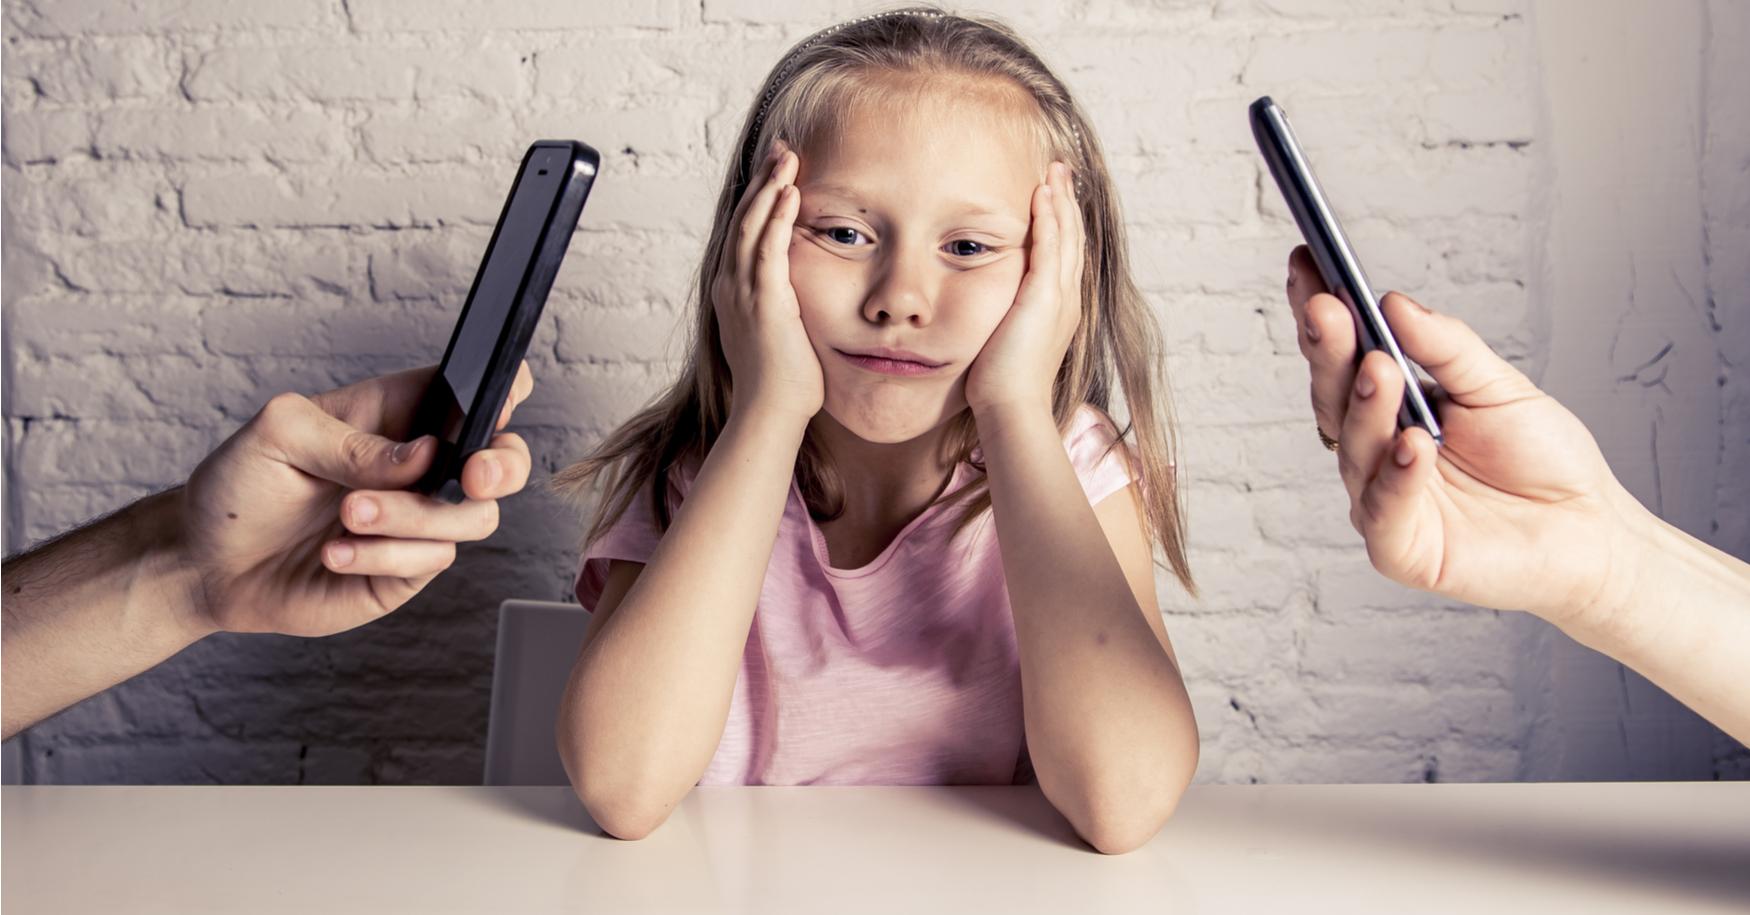 Kind sieht Eltern mit Handy